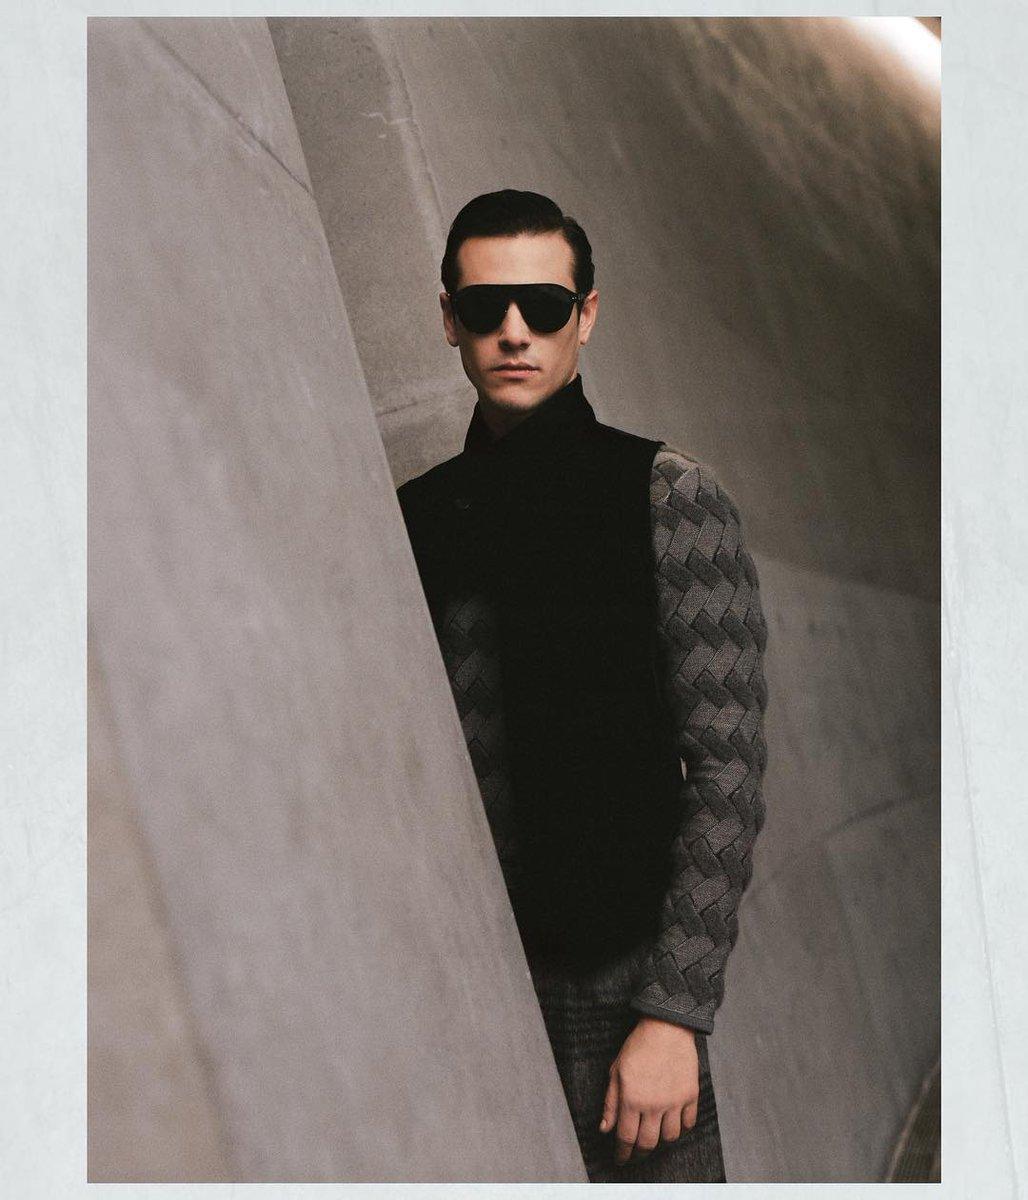 ジョルジオ アルマーニ 2018-19年秋冬メンズ・コレクションからーランウェイのメインを飾るのは季節を感じさせるグレーカラー。#GiorgioArmani #mfw https://t.co/S1RyCtCrQZ